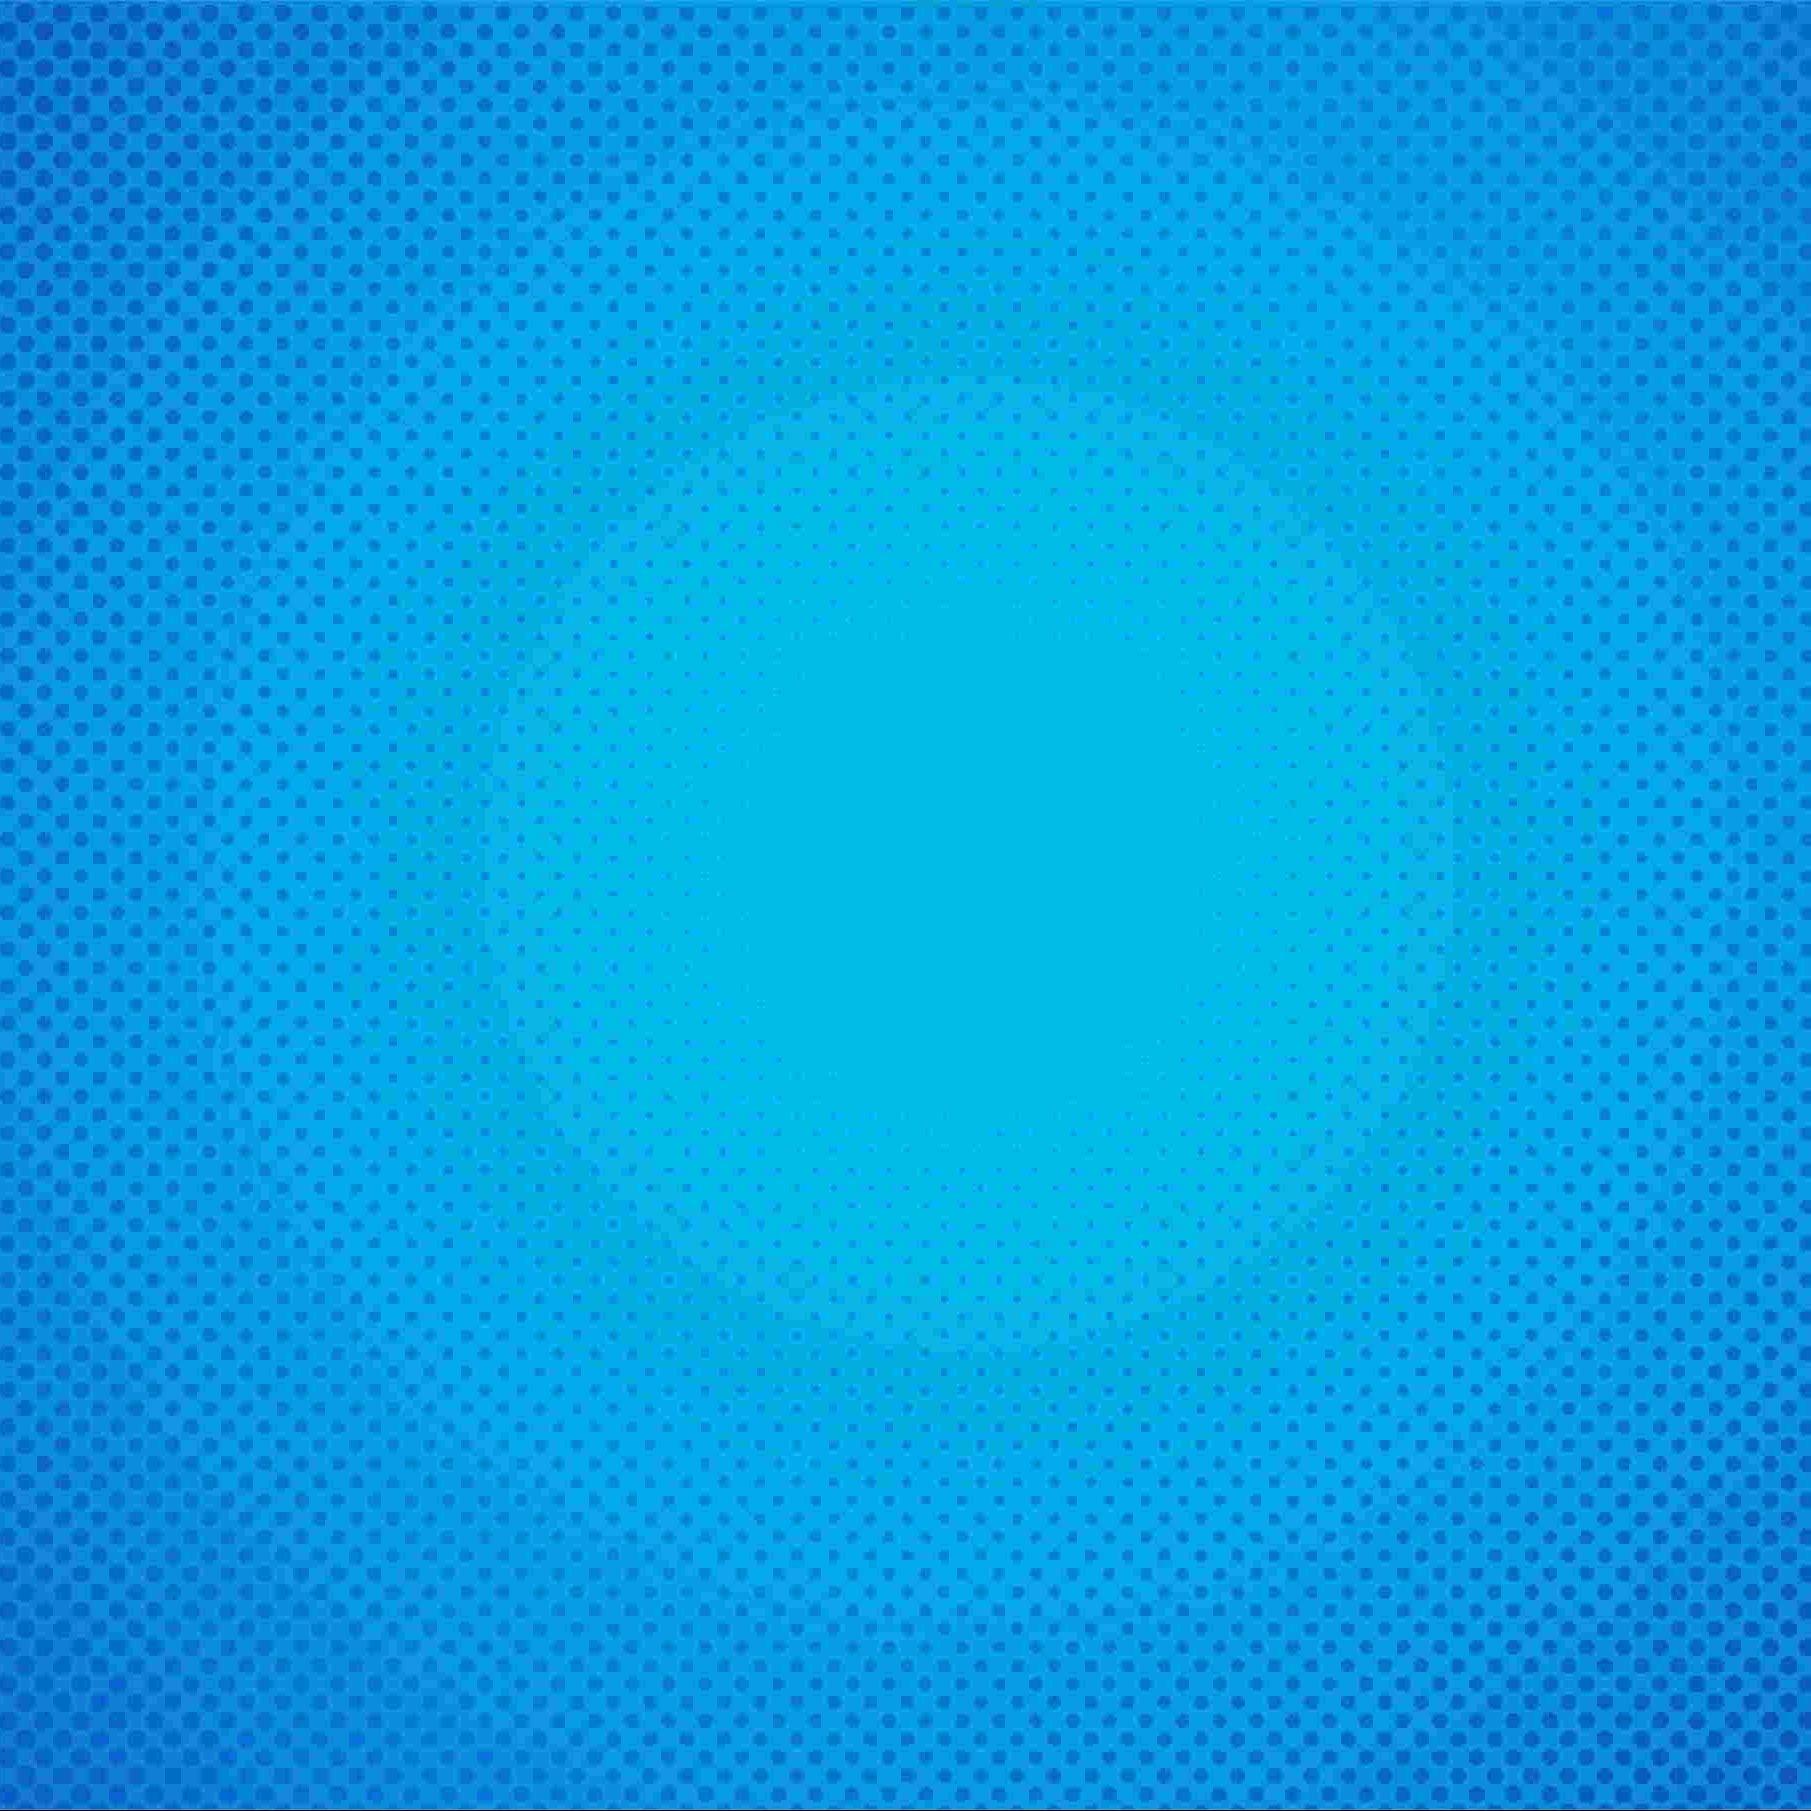 Vocabulario en inglés colores azul